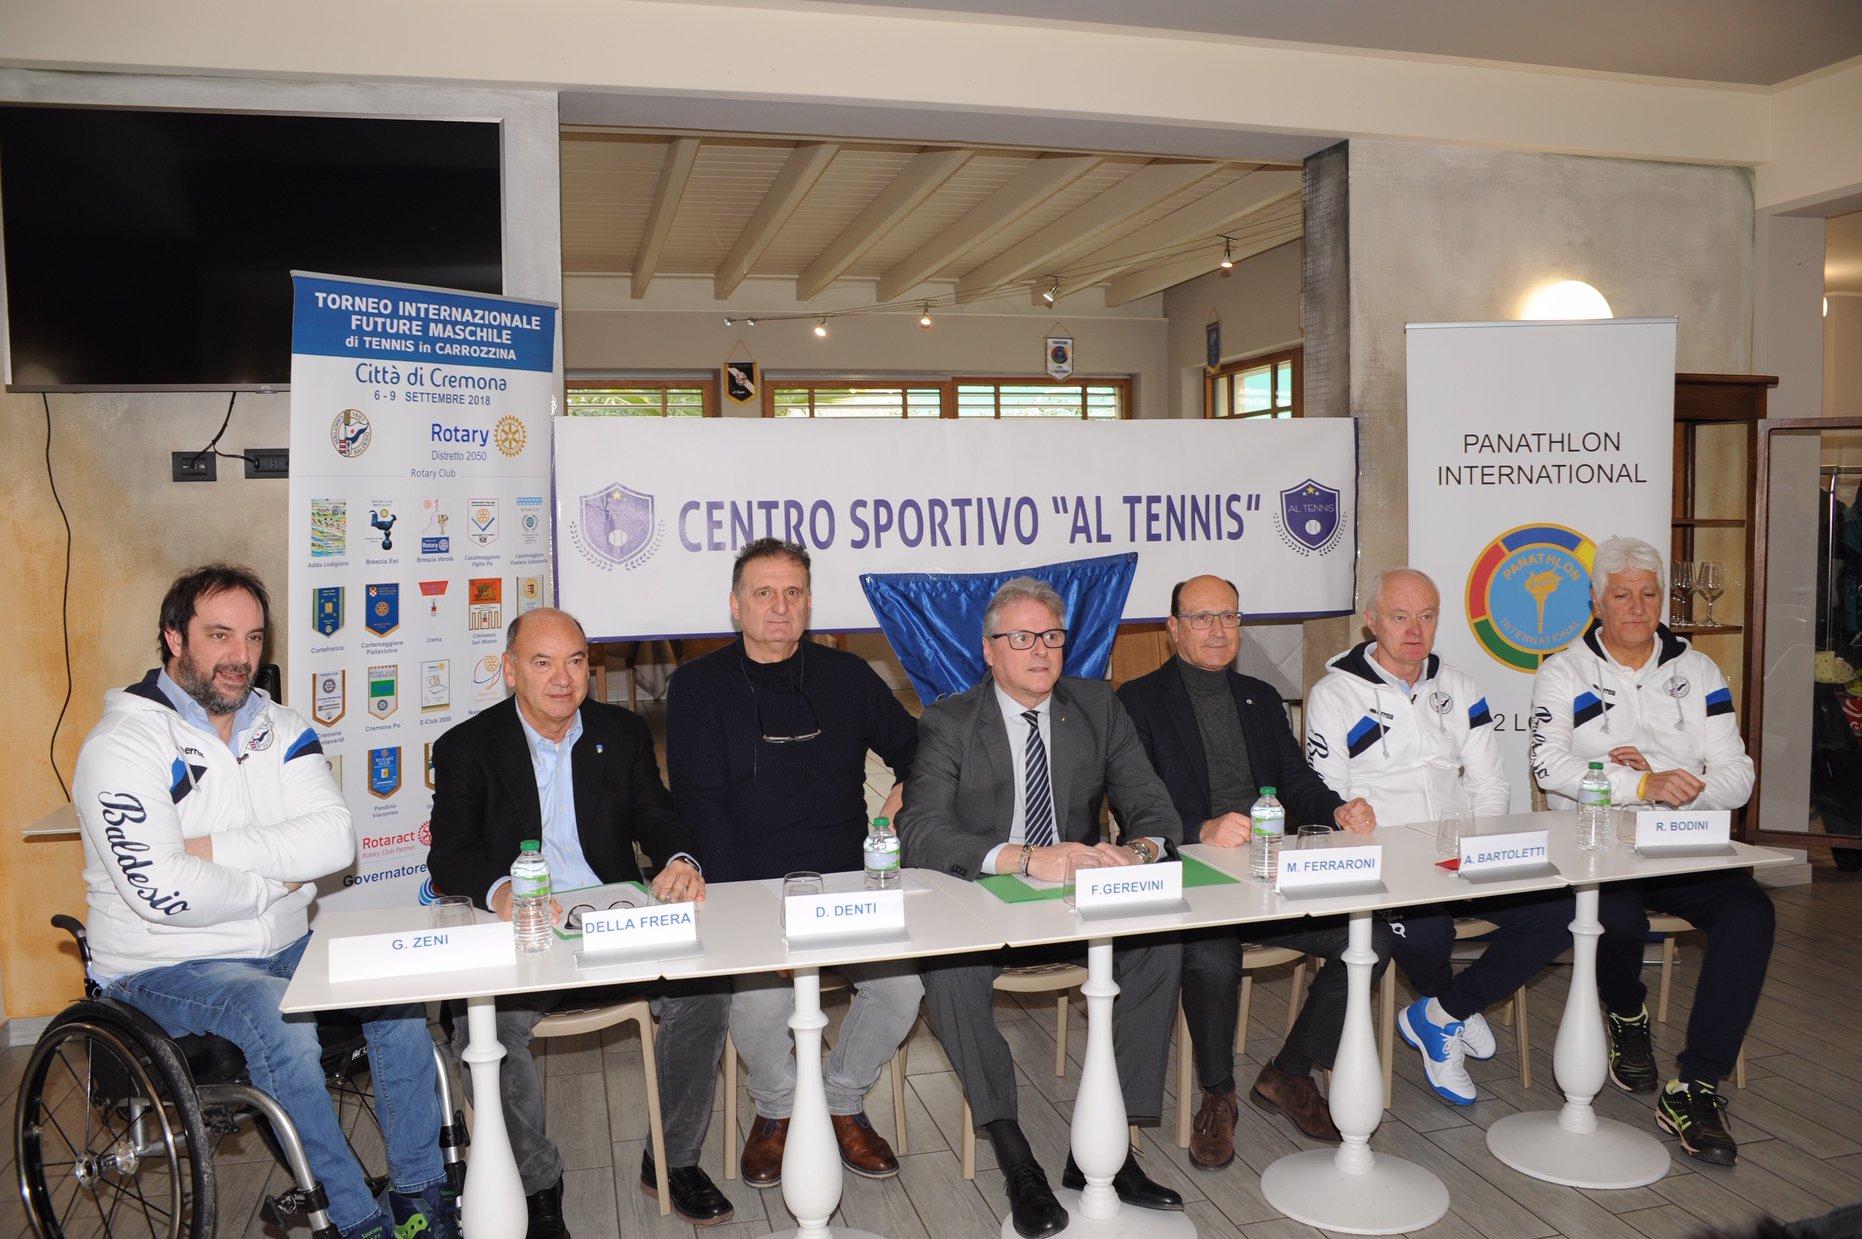 Apre la Scuola diTennis in Carrozzina: che novità a Crema!